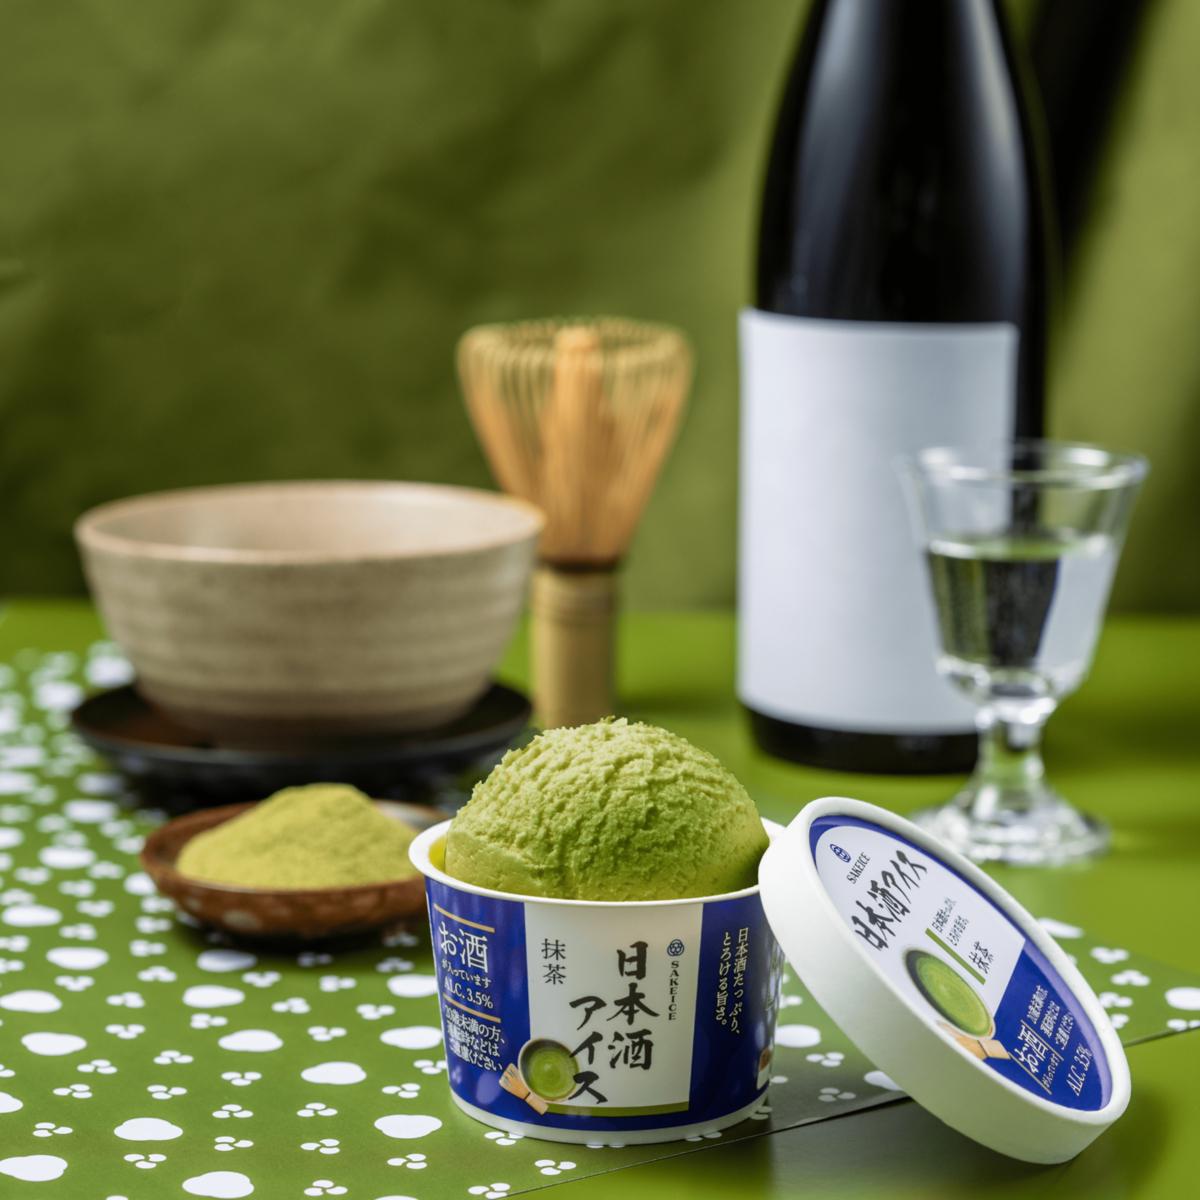 日本酒アイス-抹茶-|theDANN media